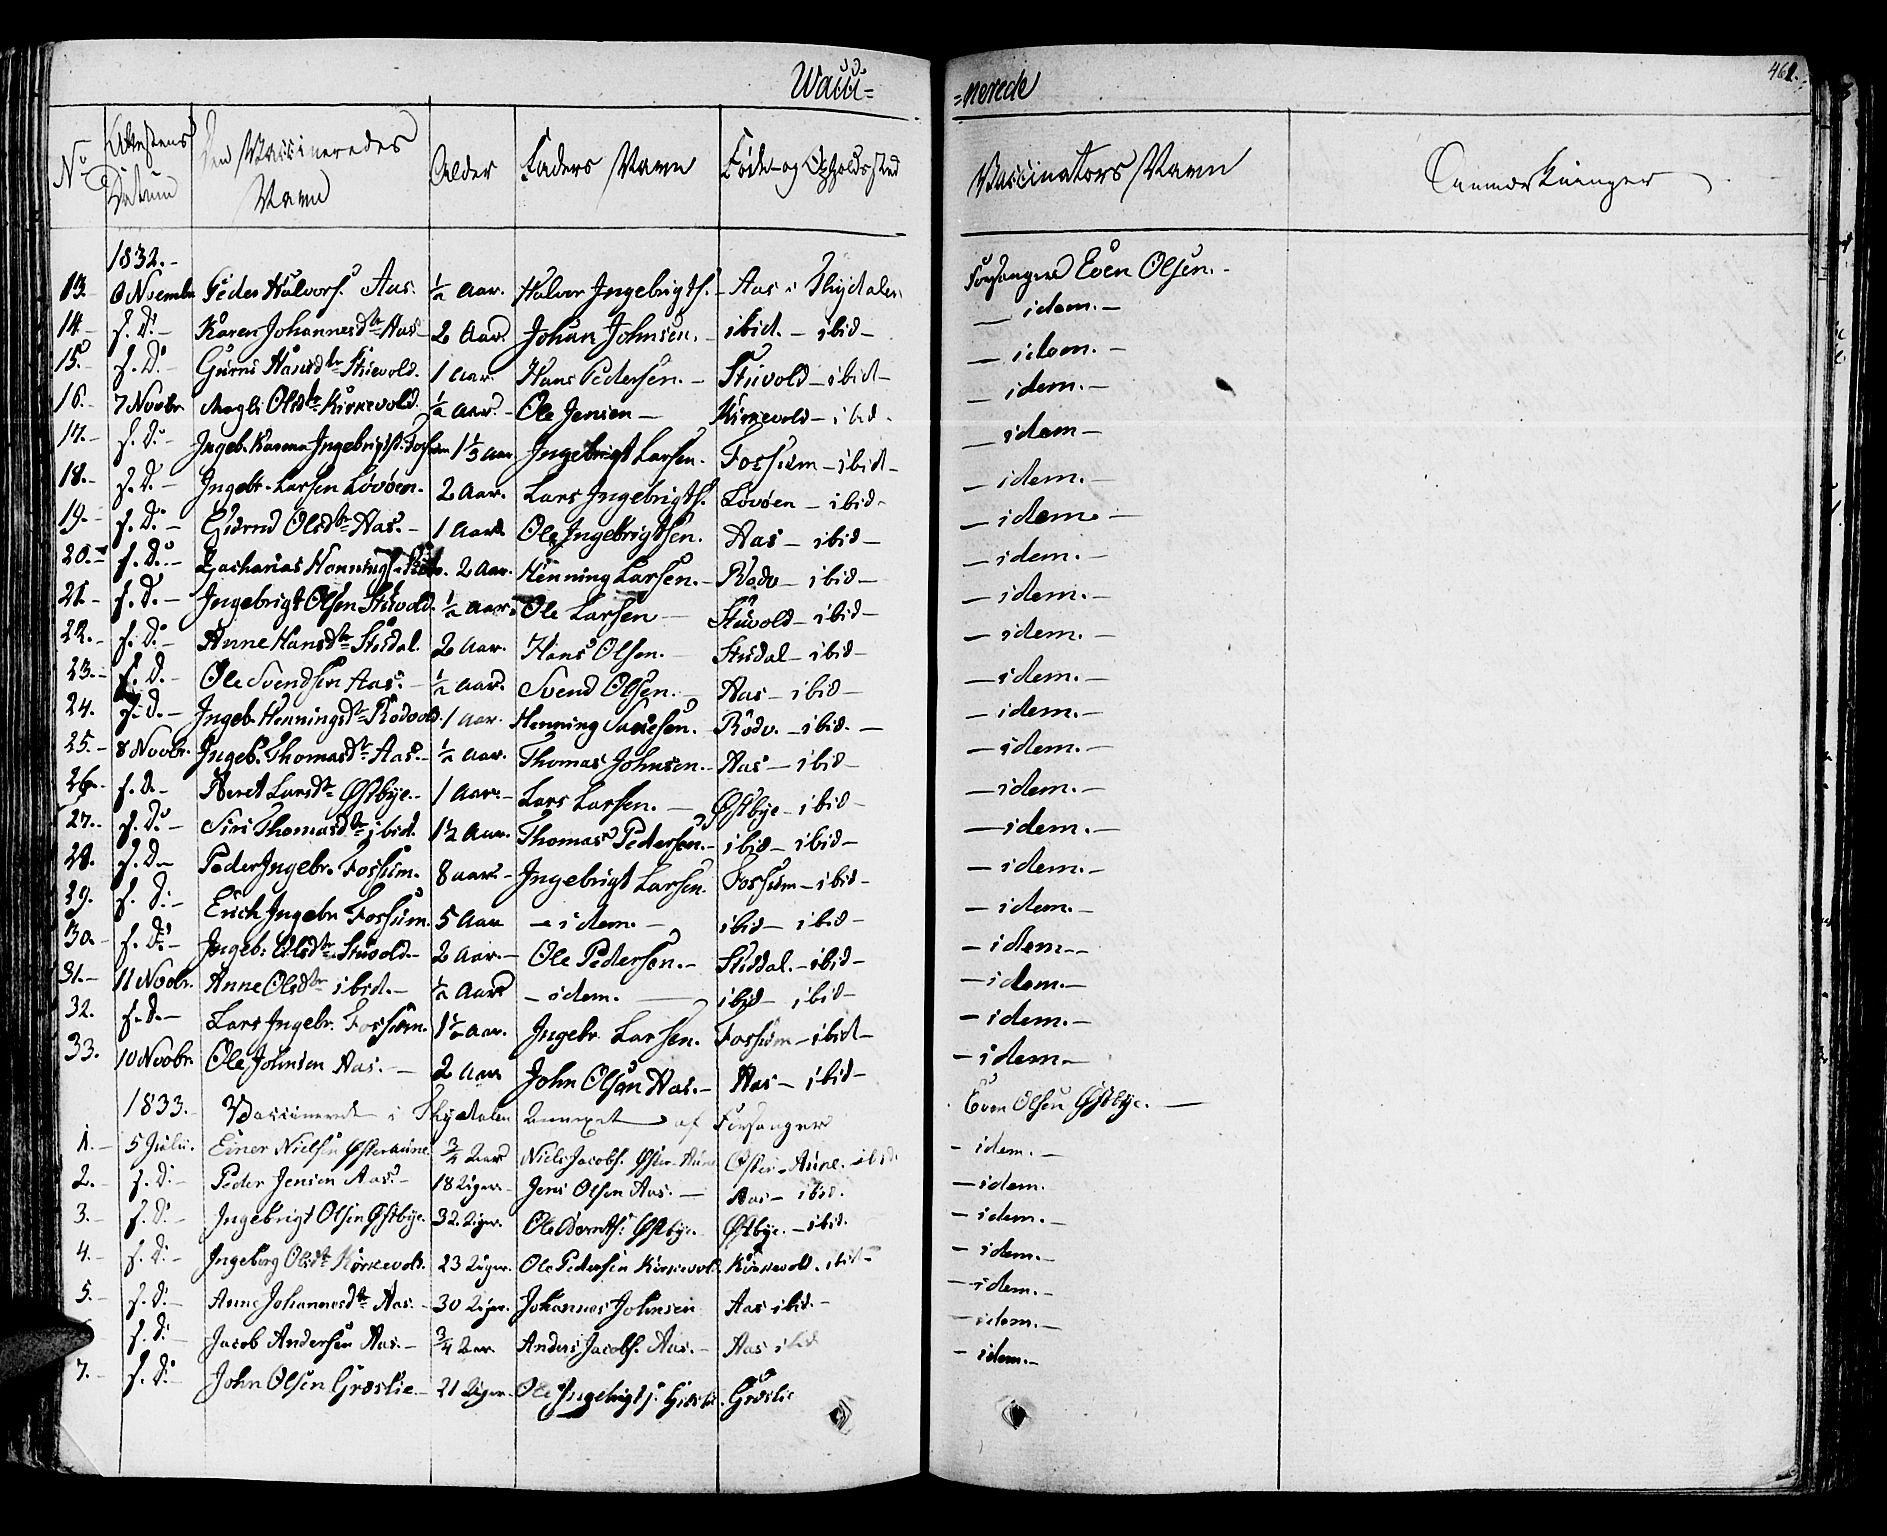 SAT, Ministerialprotokoller, klokkerbøker og fødselsregistre - Sør-Trøndelag, 695/L1143: Ministerialbok nr. 695A05 /1, 1824-1842, s. 461